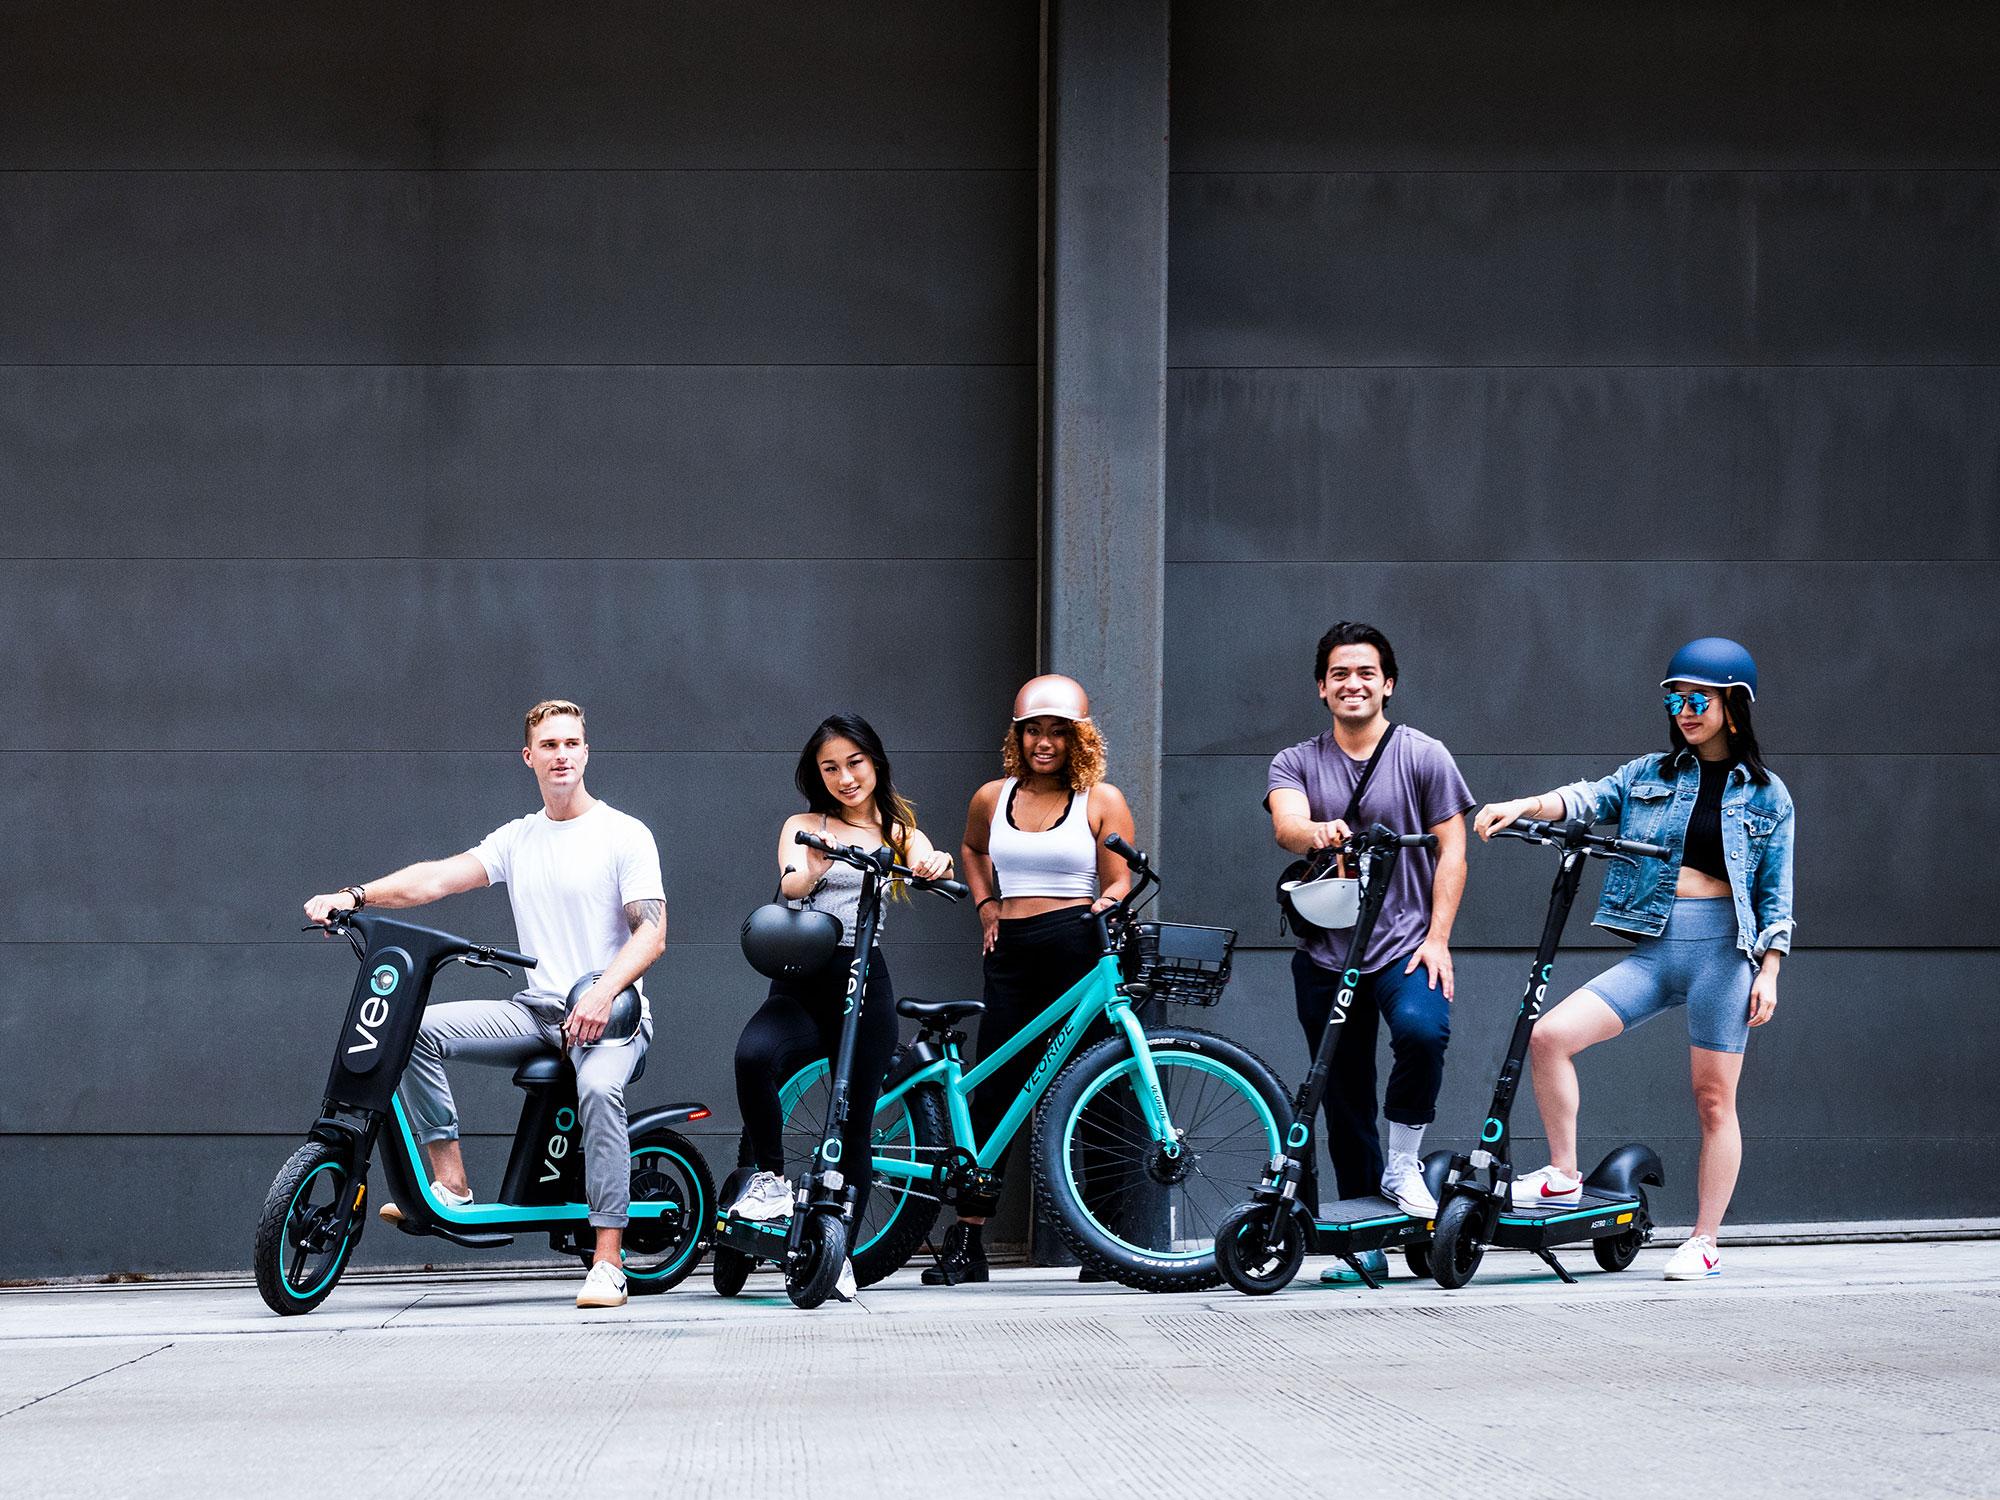 veo-crew-scooters-bikes